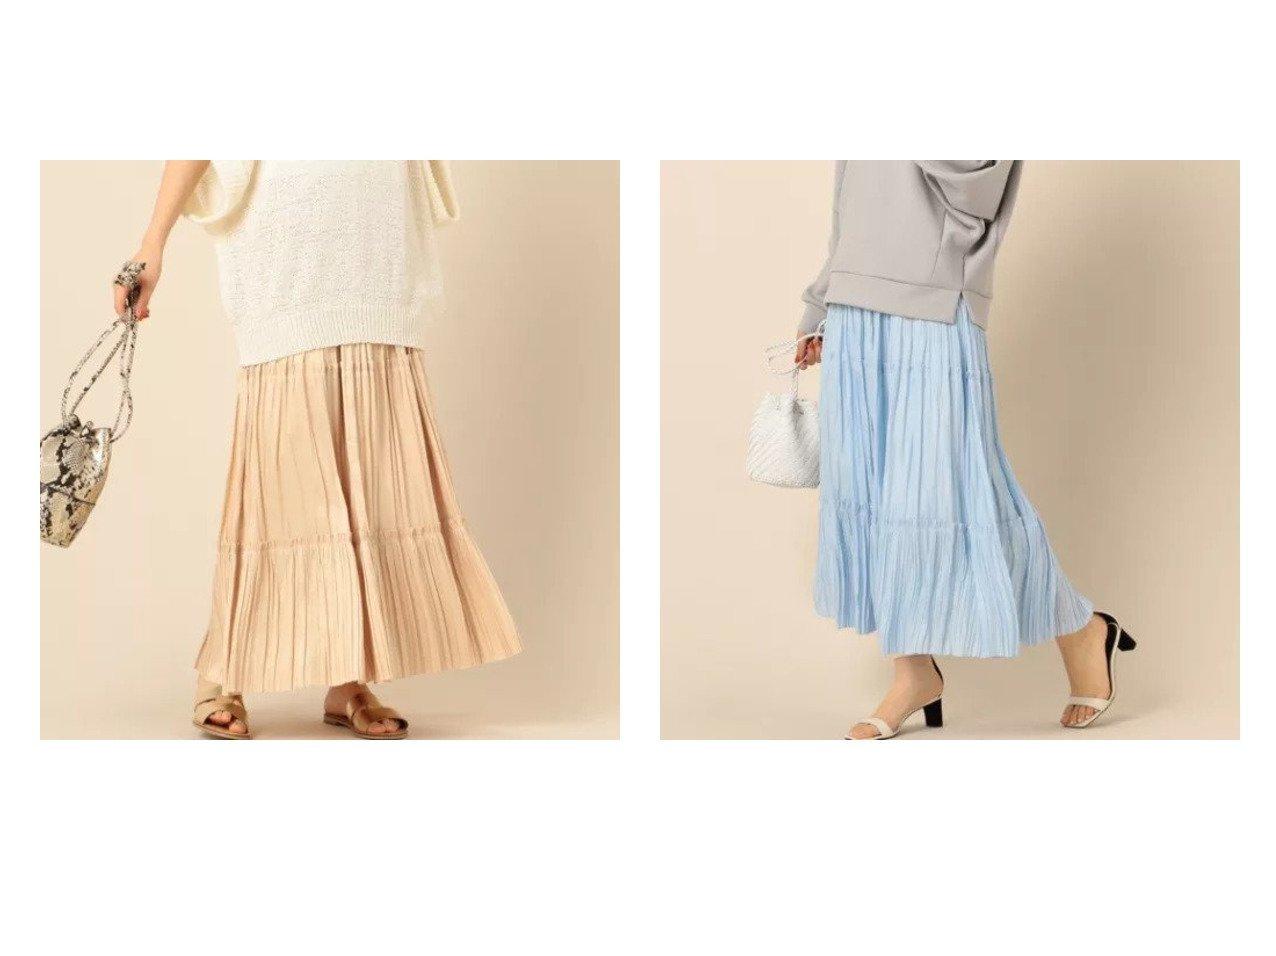 【NOLLEY'S/ノーリーズ】の割繊ティアードプリーツスカート 【スカート】おすすめ!人気、トレンド・レディースファッションの通販 おすすめで人気の流行・トレンド、ファッションの通販商品 メンズファッション・キッズファッション・インテリア・家具・レディースファッション・服の通販 founy(ファニー) https://founy.com/ ファッション Fashion レディースファッション WOMEN スカート Skirt プリーツスカート Pleated Skirts シンプル ティアード フェミニン マキシ ロング |ID:crp329100000031419